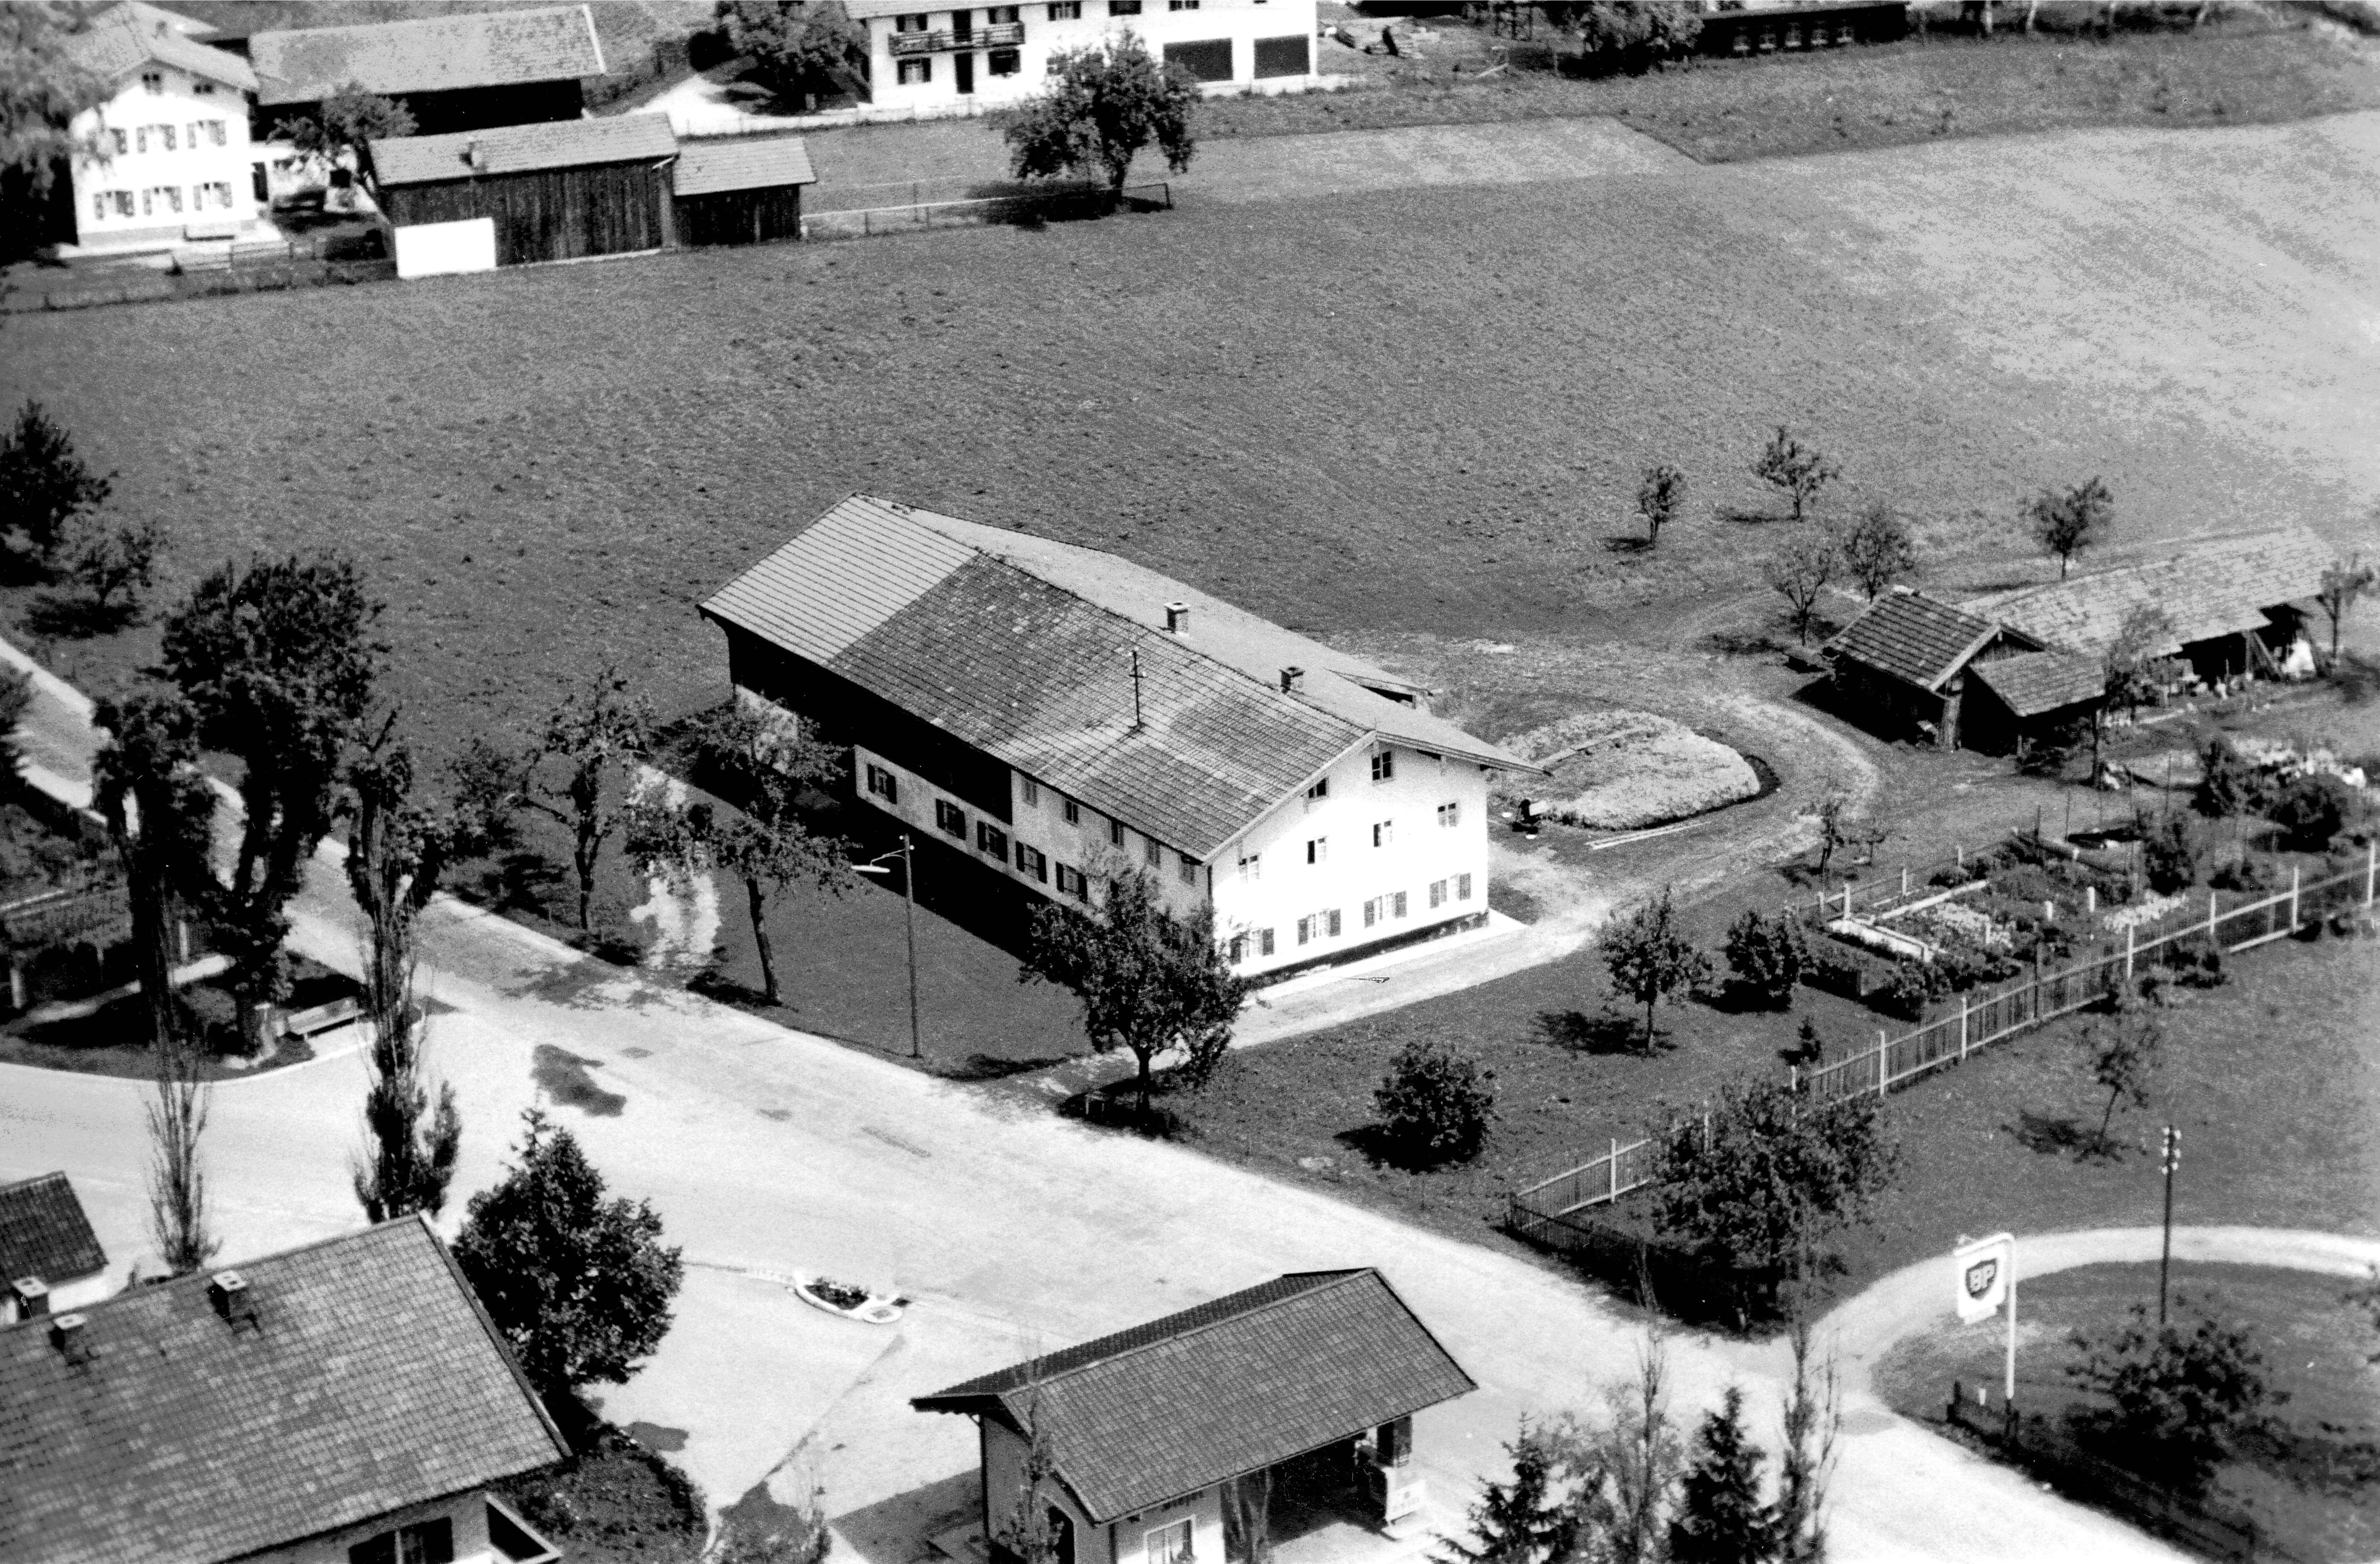 Historische Luftaufnahme vom Kerschbaumerhof Grafing